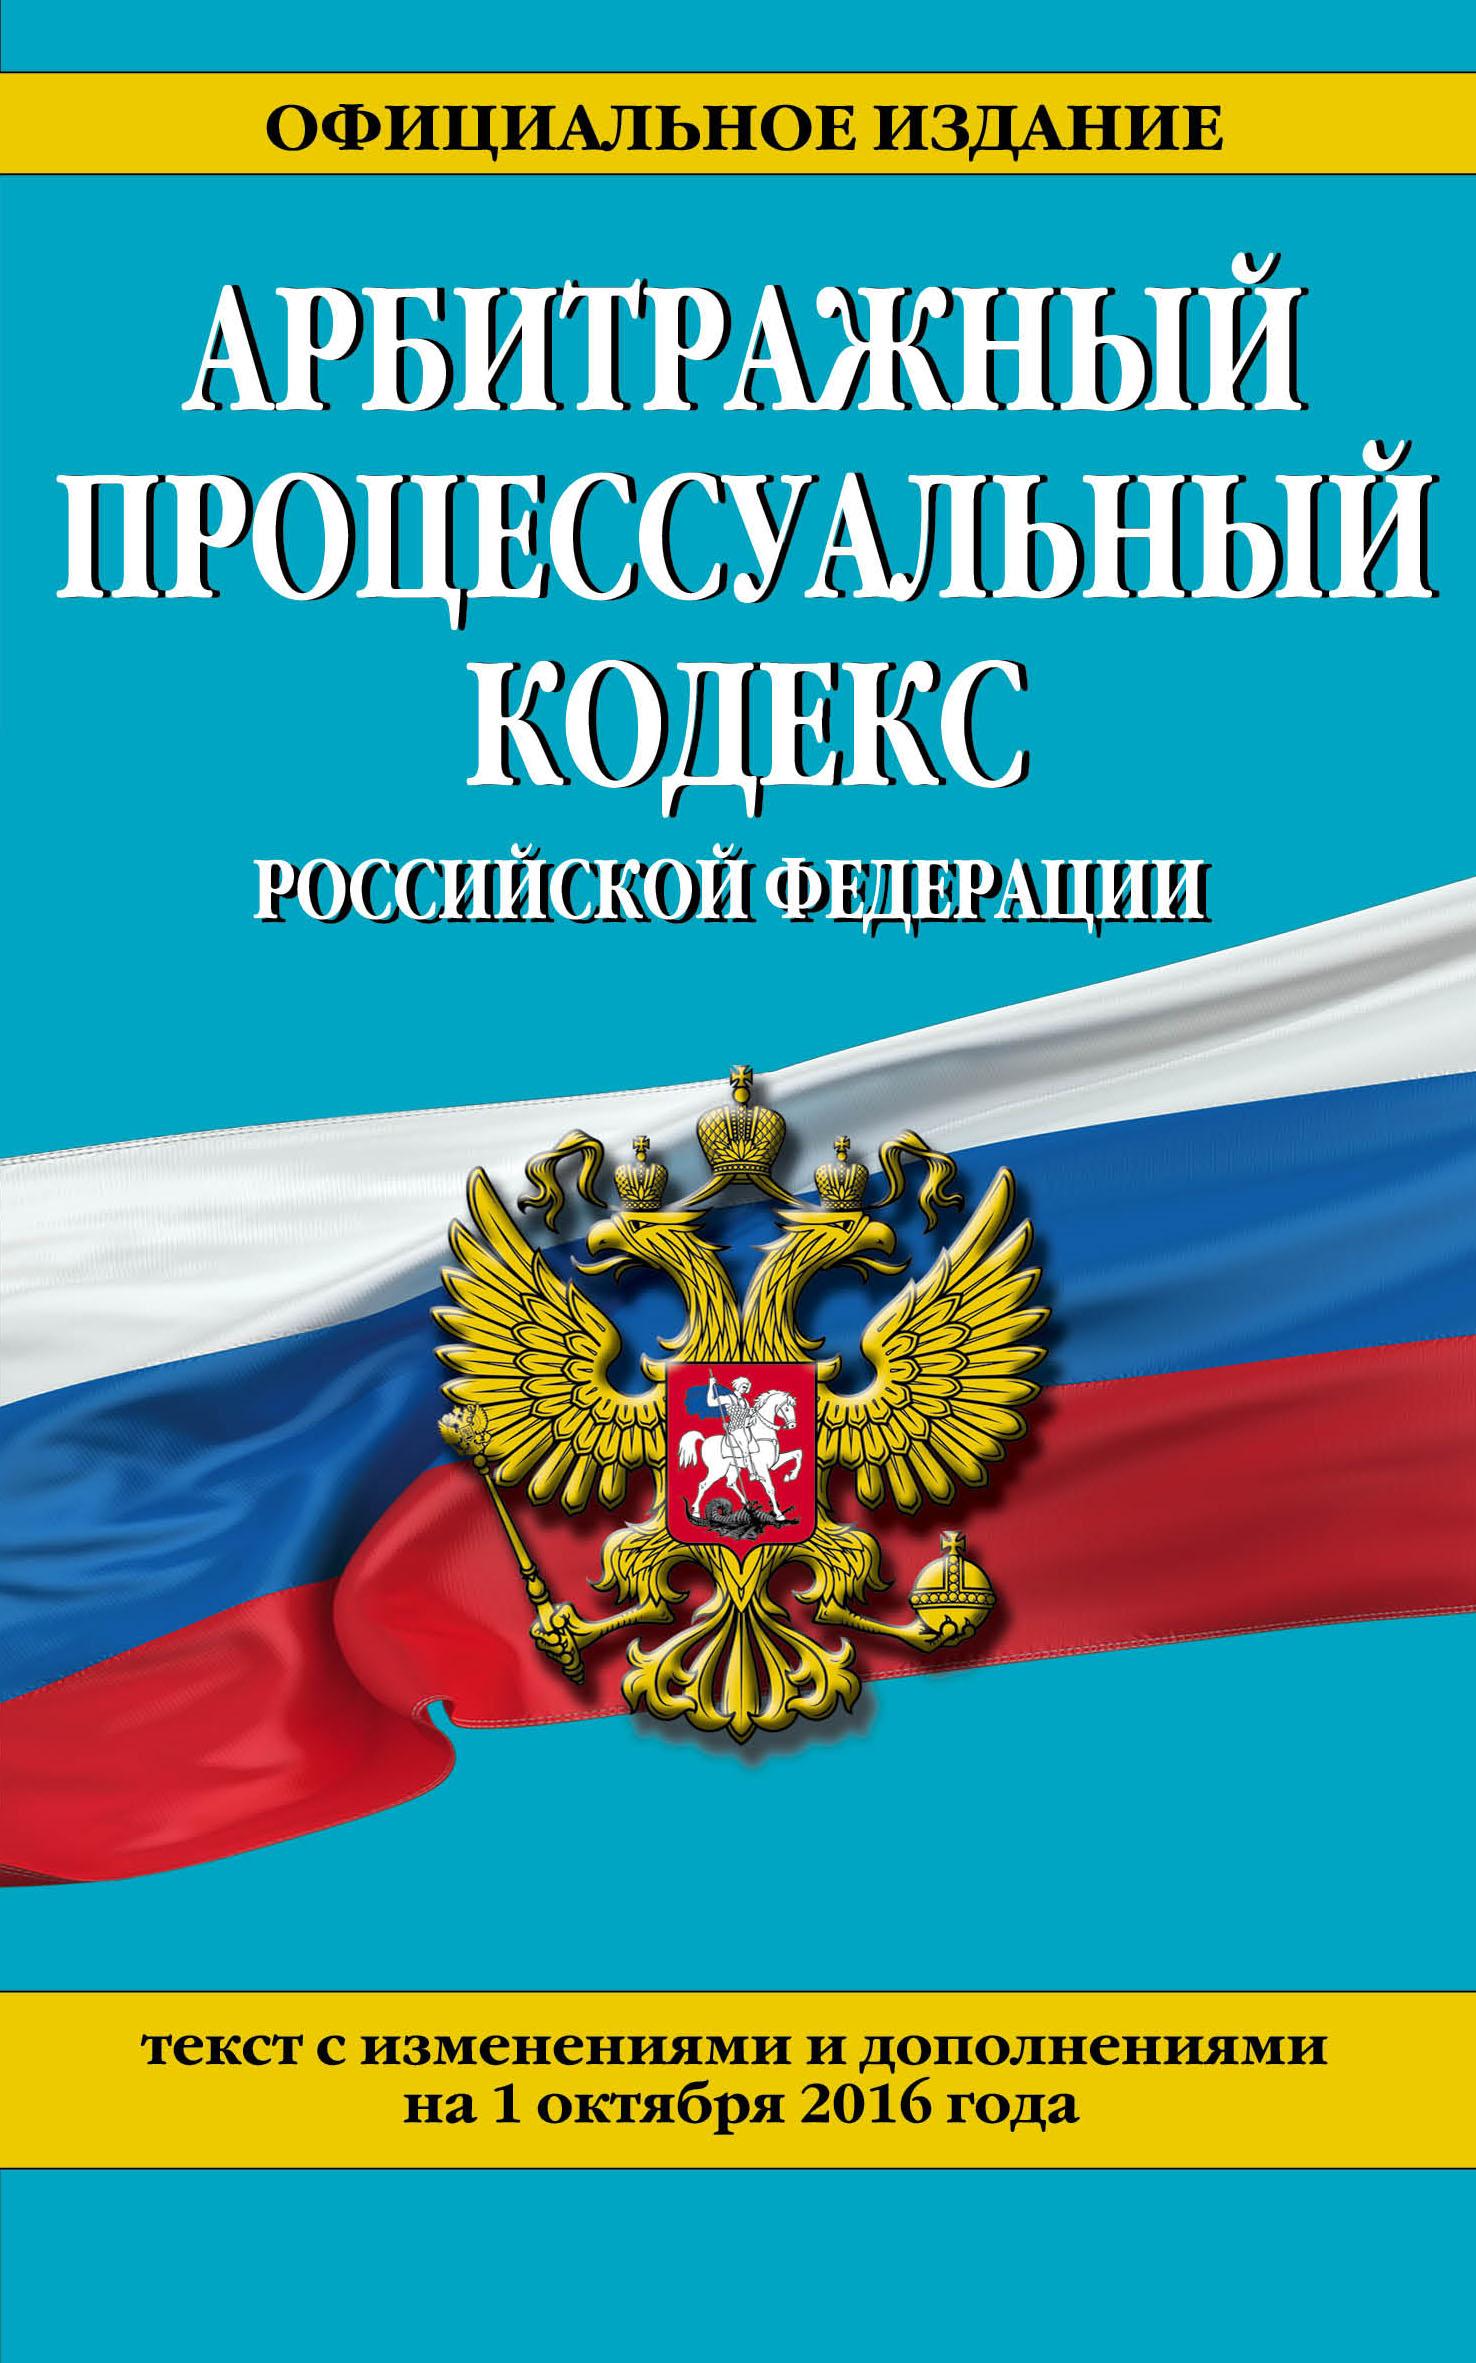 Арбитражный процессуальный кодекс Российской Федерации : текст с изм. и доп. на 1 октября 2016 г.